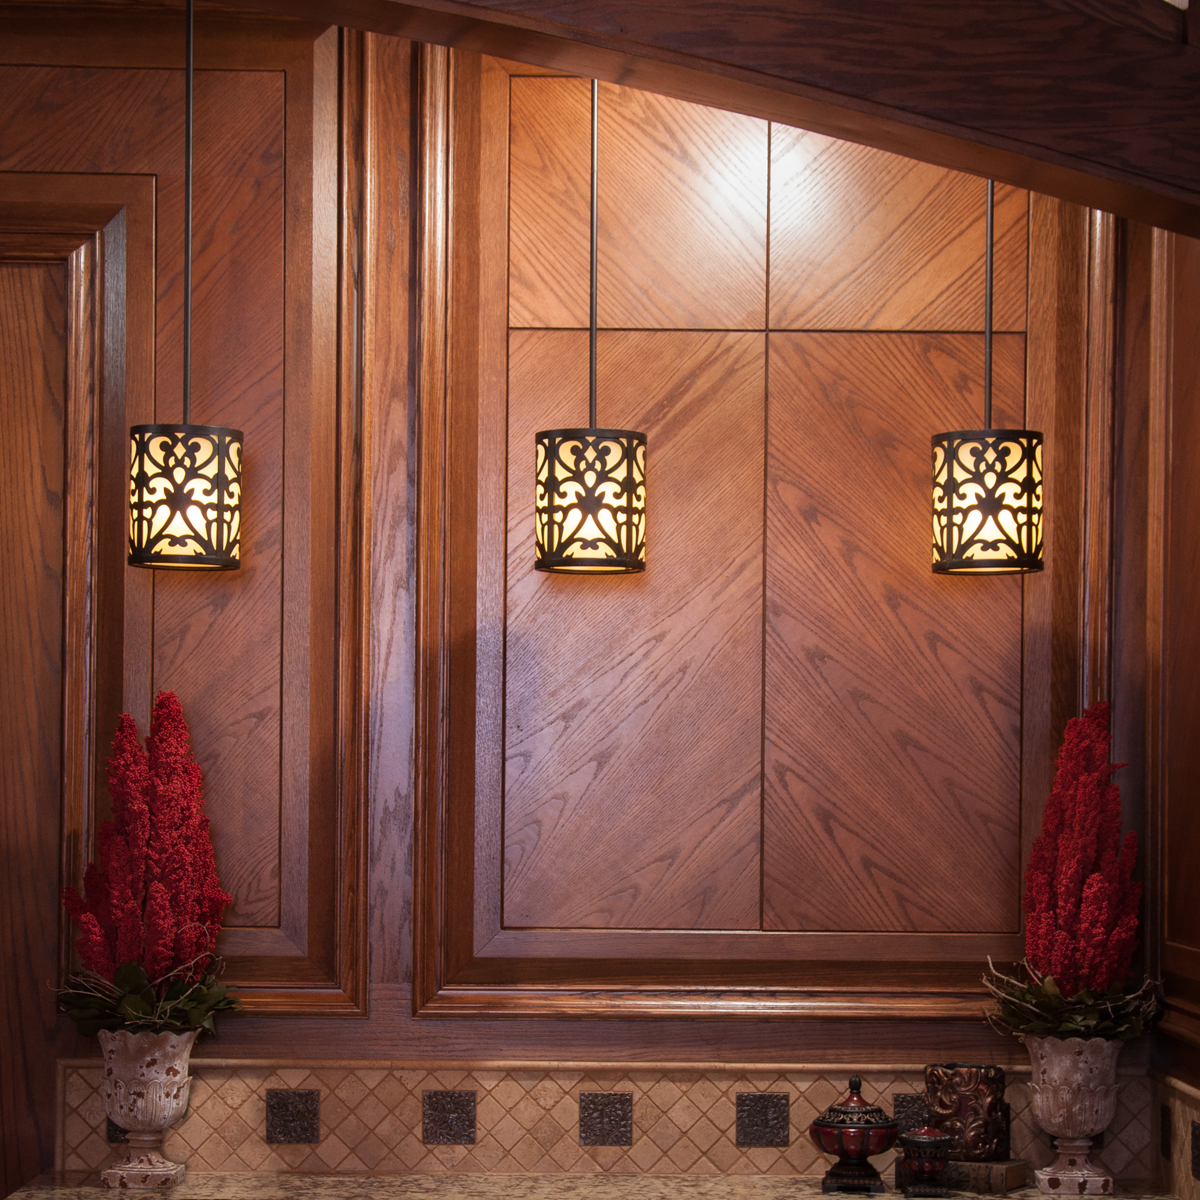 St. Luke's Board Room